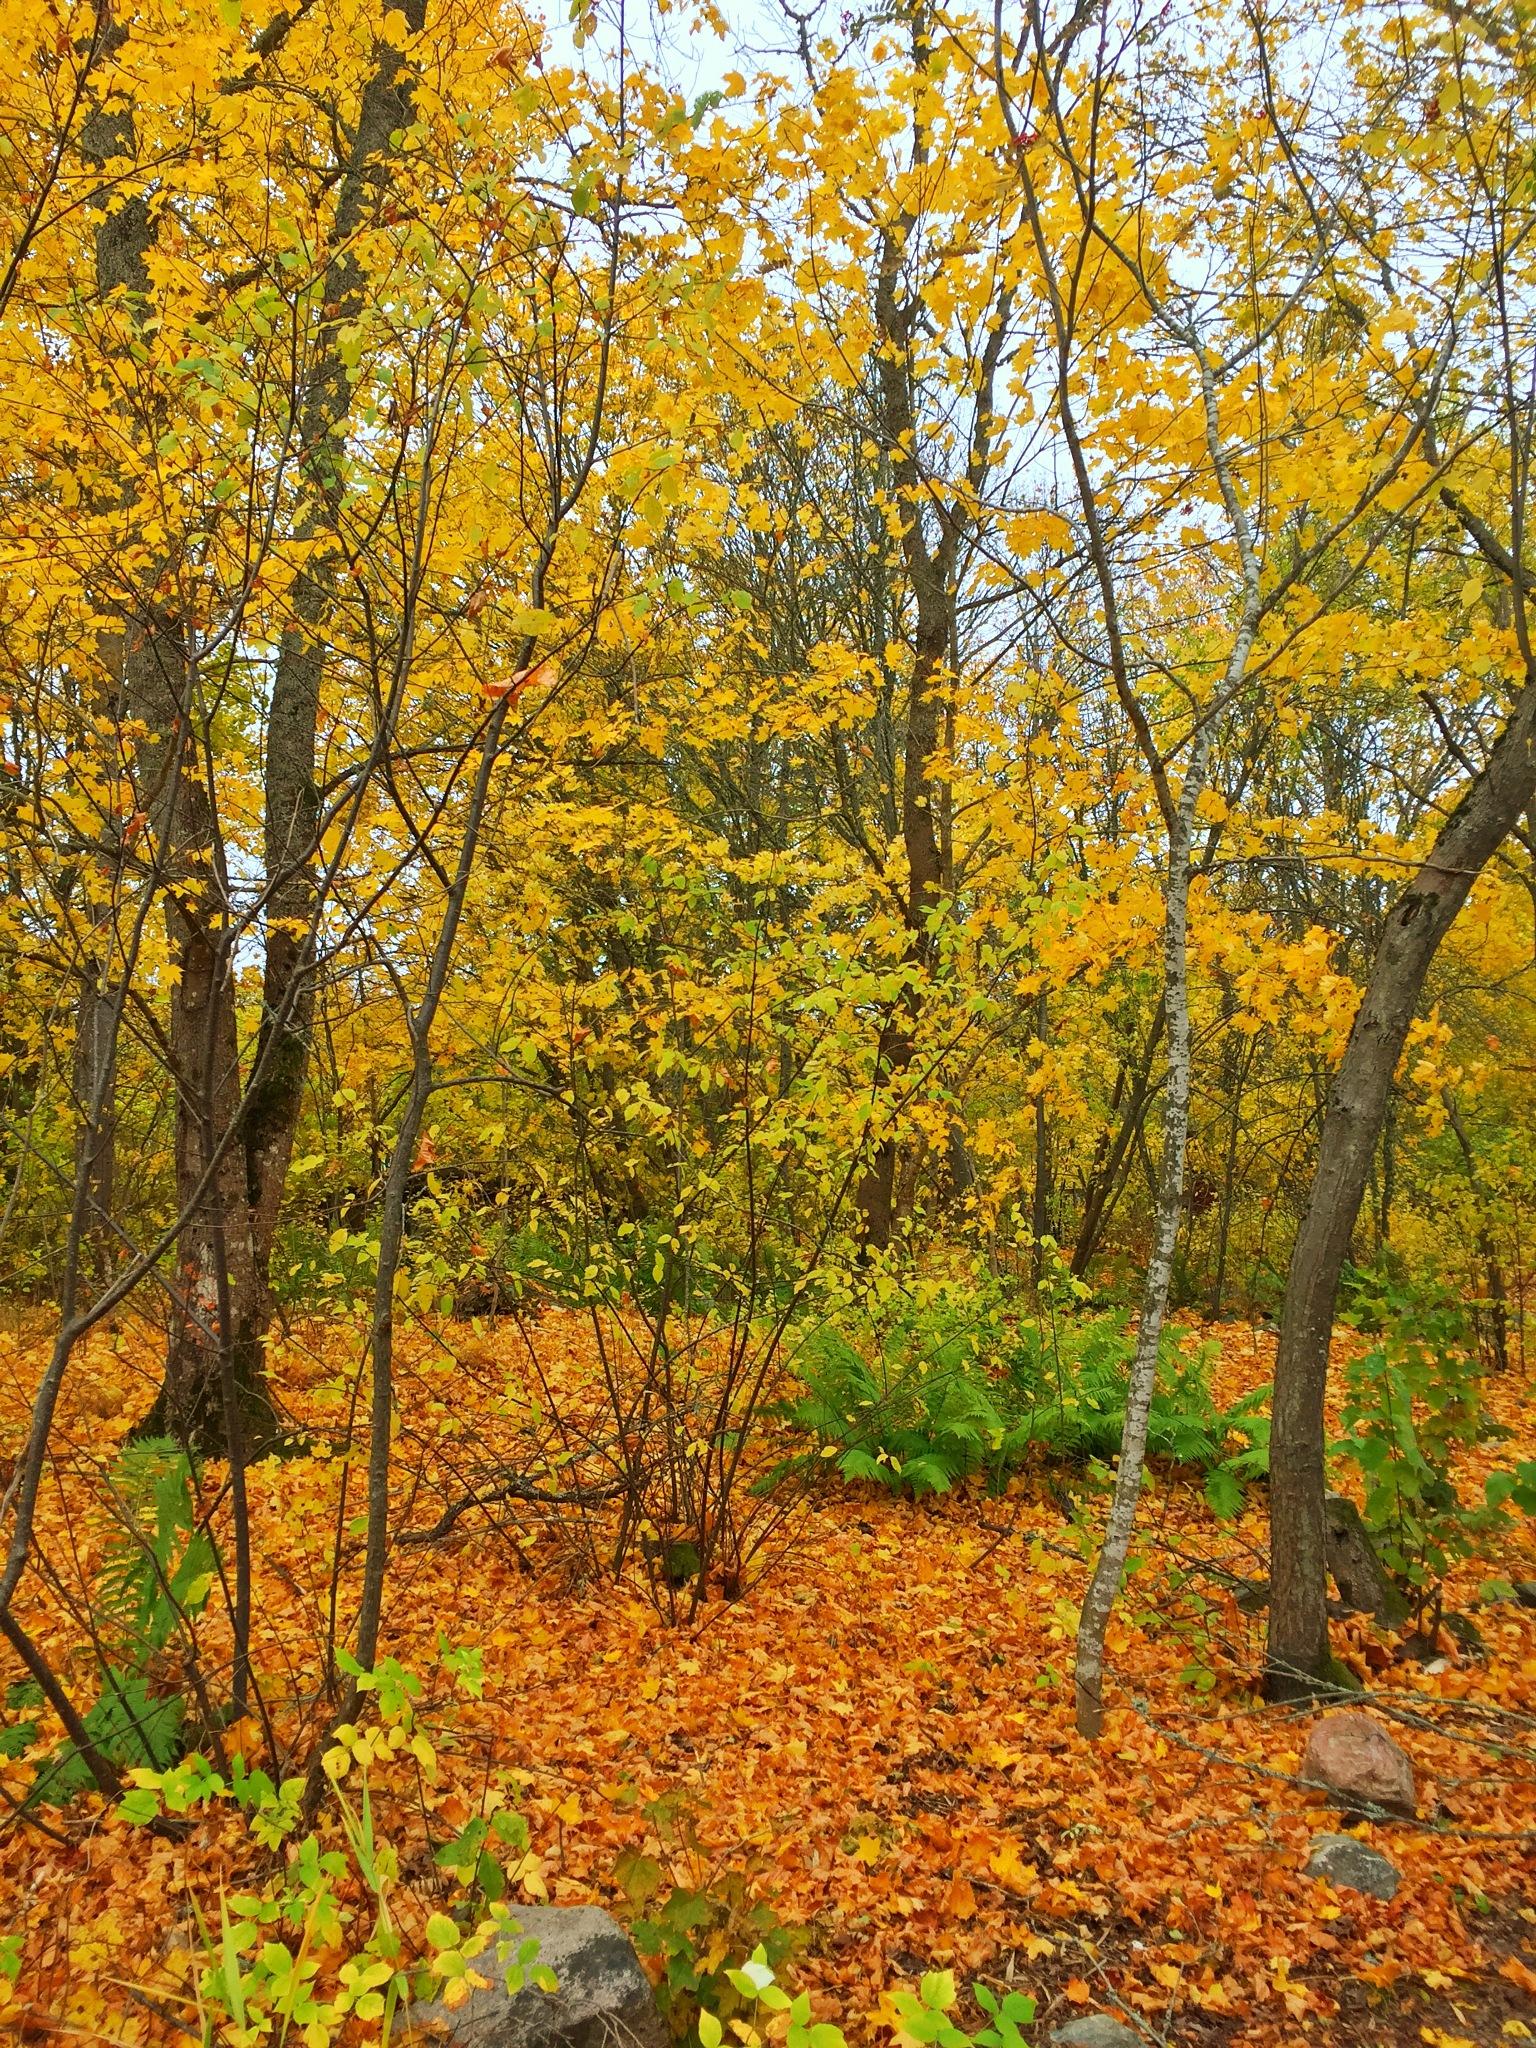 Autumn kravets by Ceciliasderlund